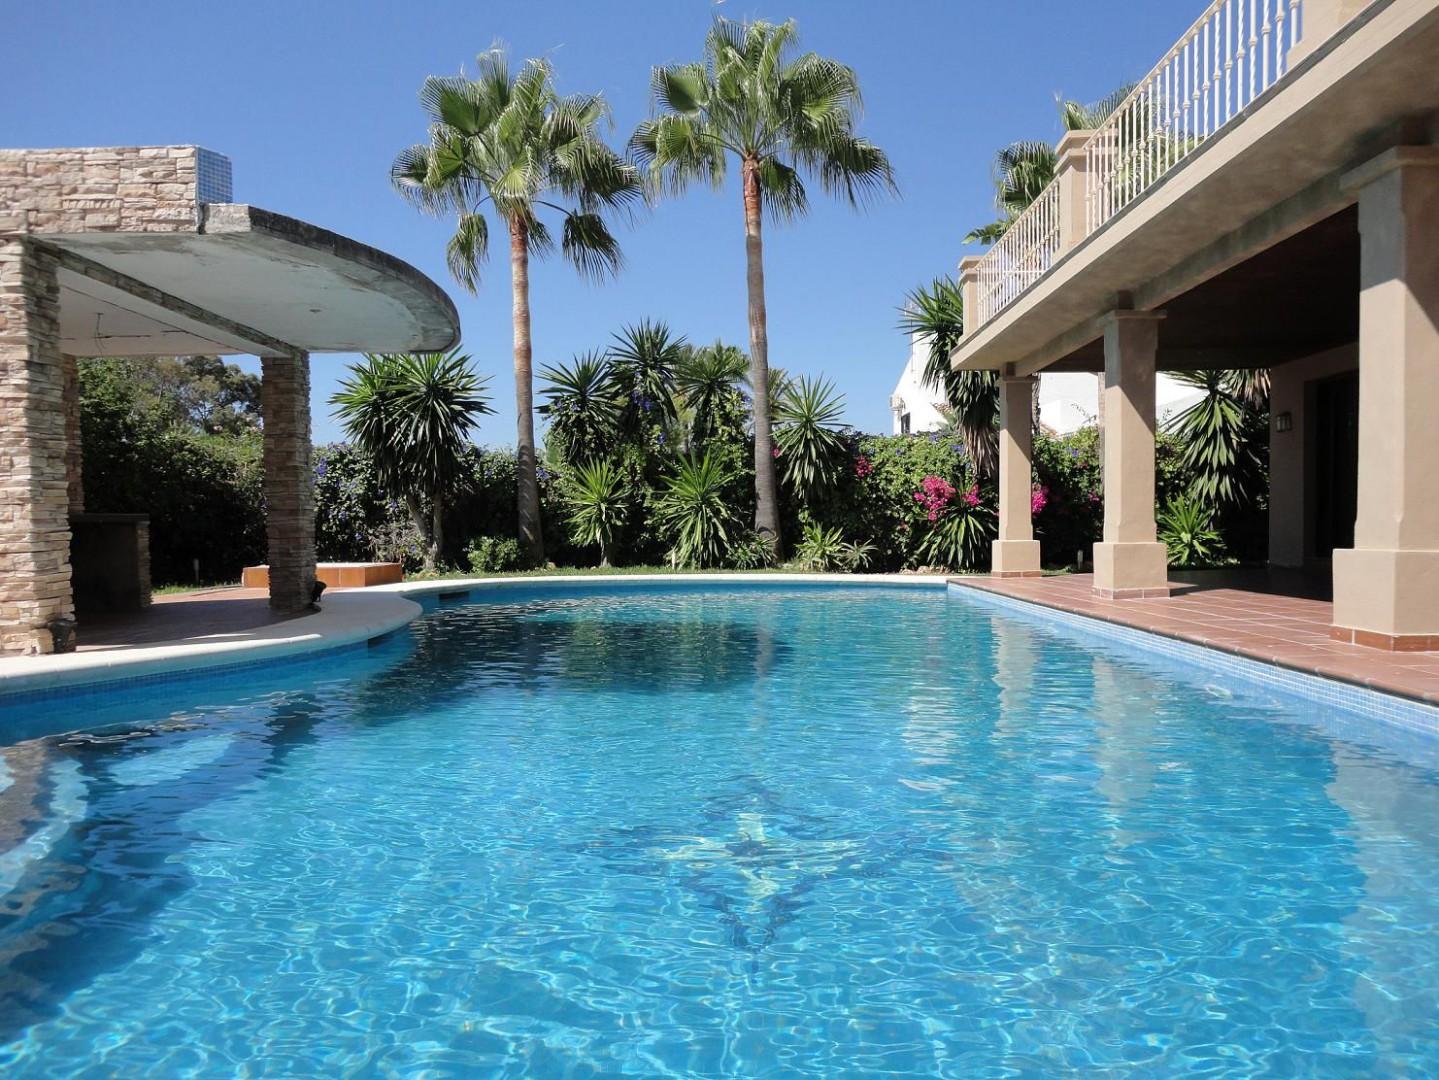 VILLA IN MARBELLA GOLDEN MILE - Nevado Realty real estate in Marbella